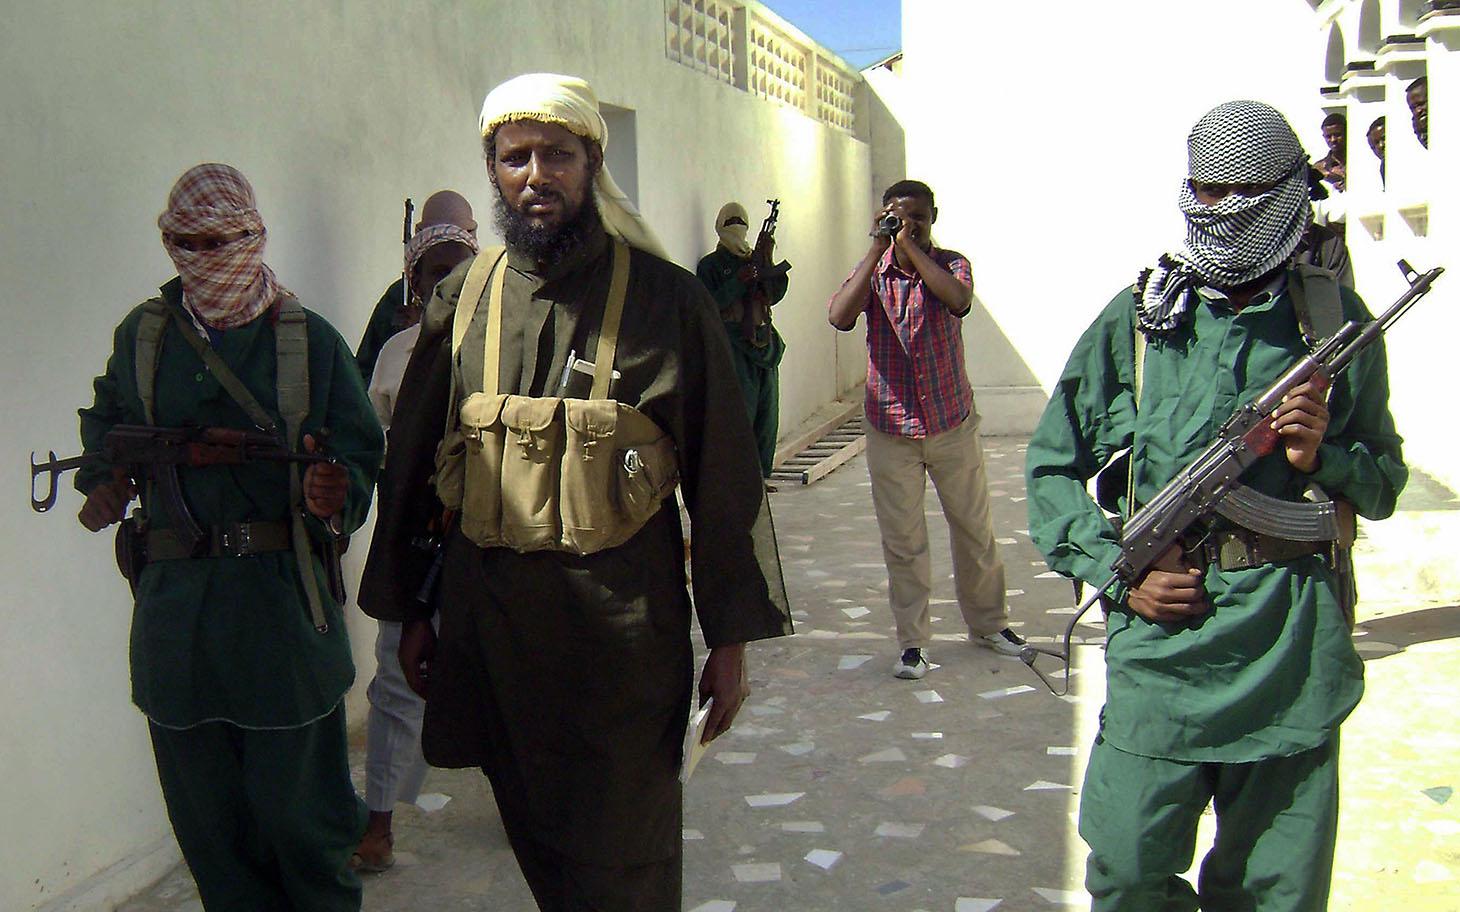 13 die in attack on U.N. in Somalia